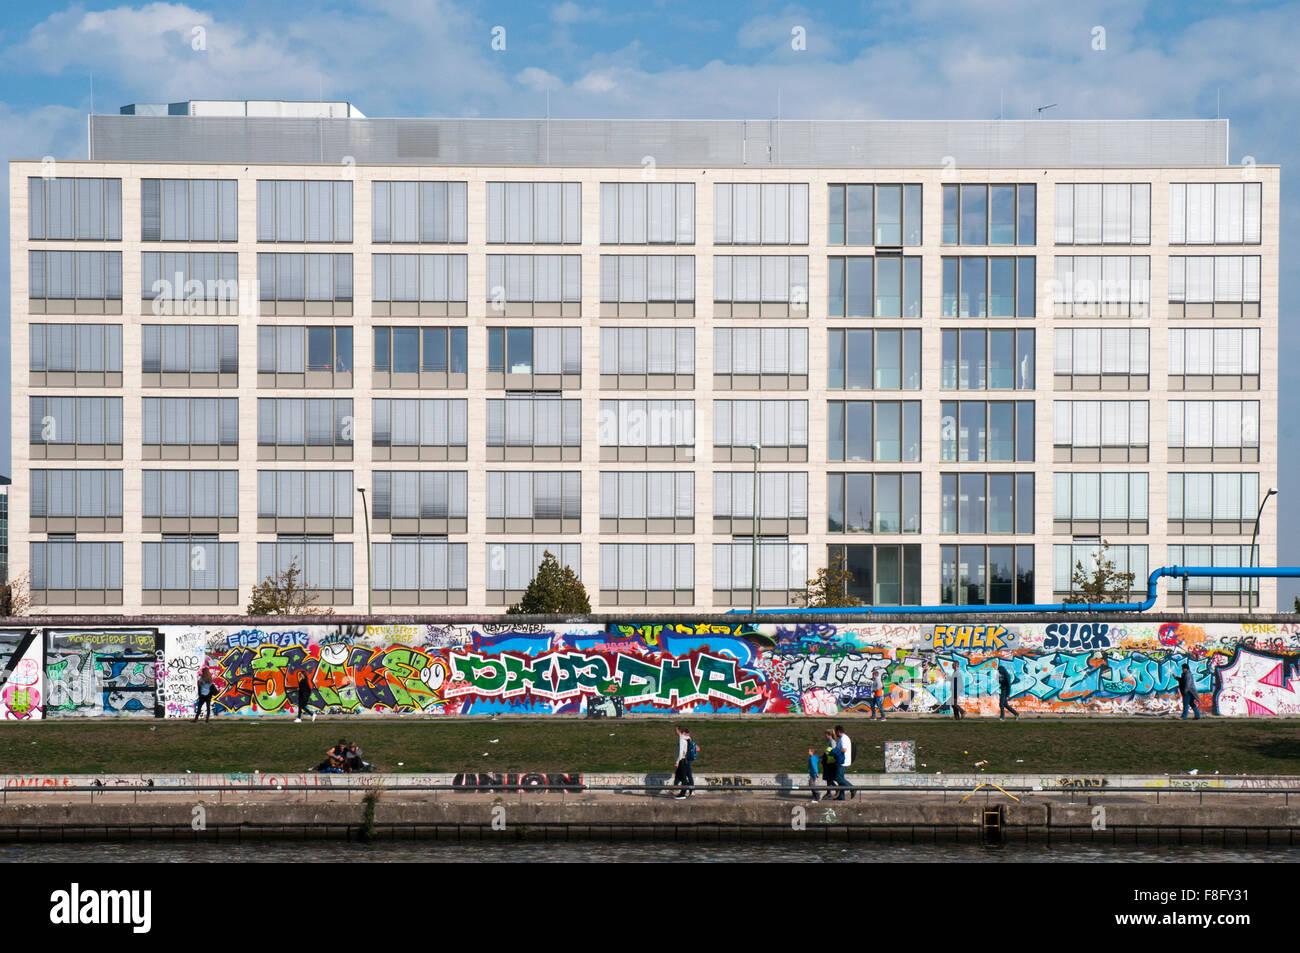 East Side Gallery, eine street-Art Veranstaltungsort geschaffen Reste der Berliner Mauer, von der Spree gesehen Stockbild